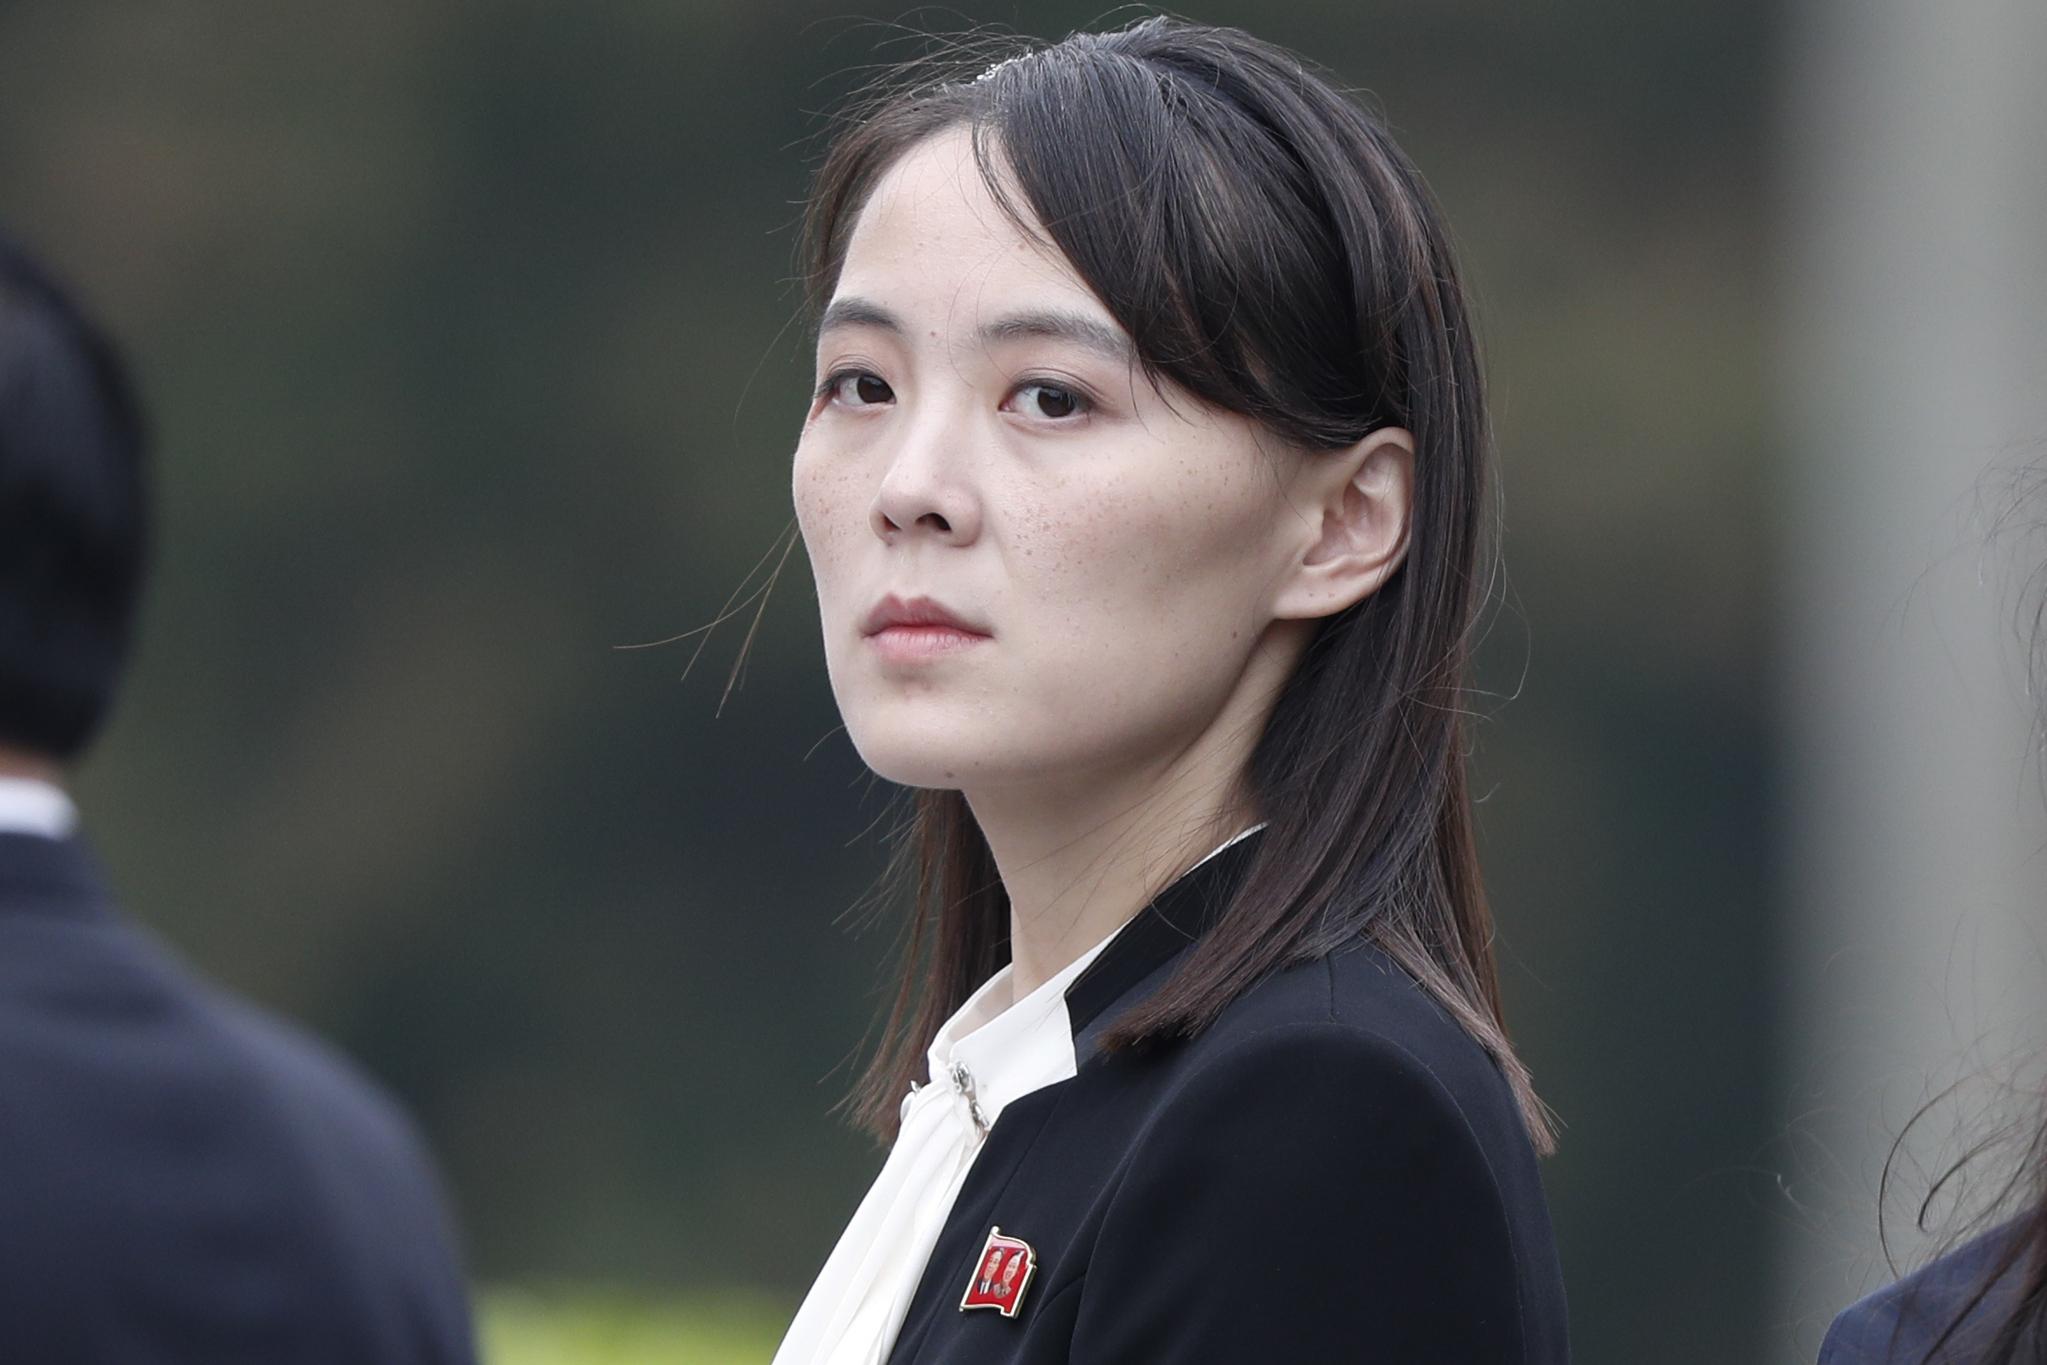 김정은 북한 국무위원장의 동생인 김여정 북한 조선노동당 중앙위원회 부부장. 연합뉴스